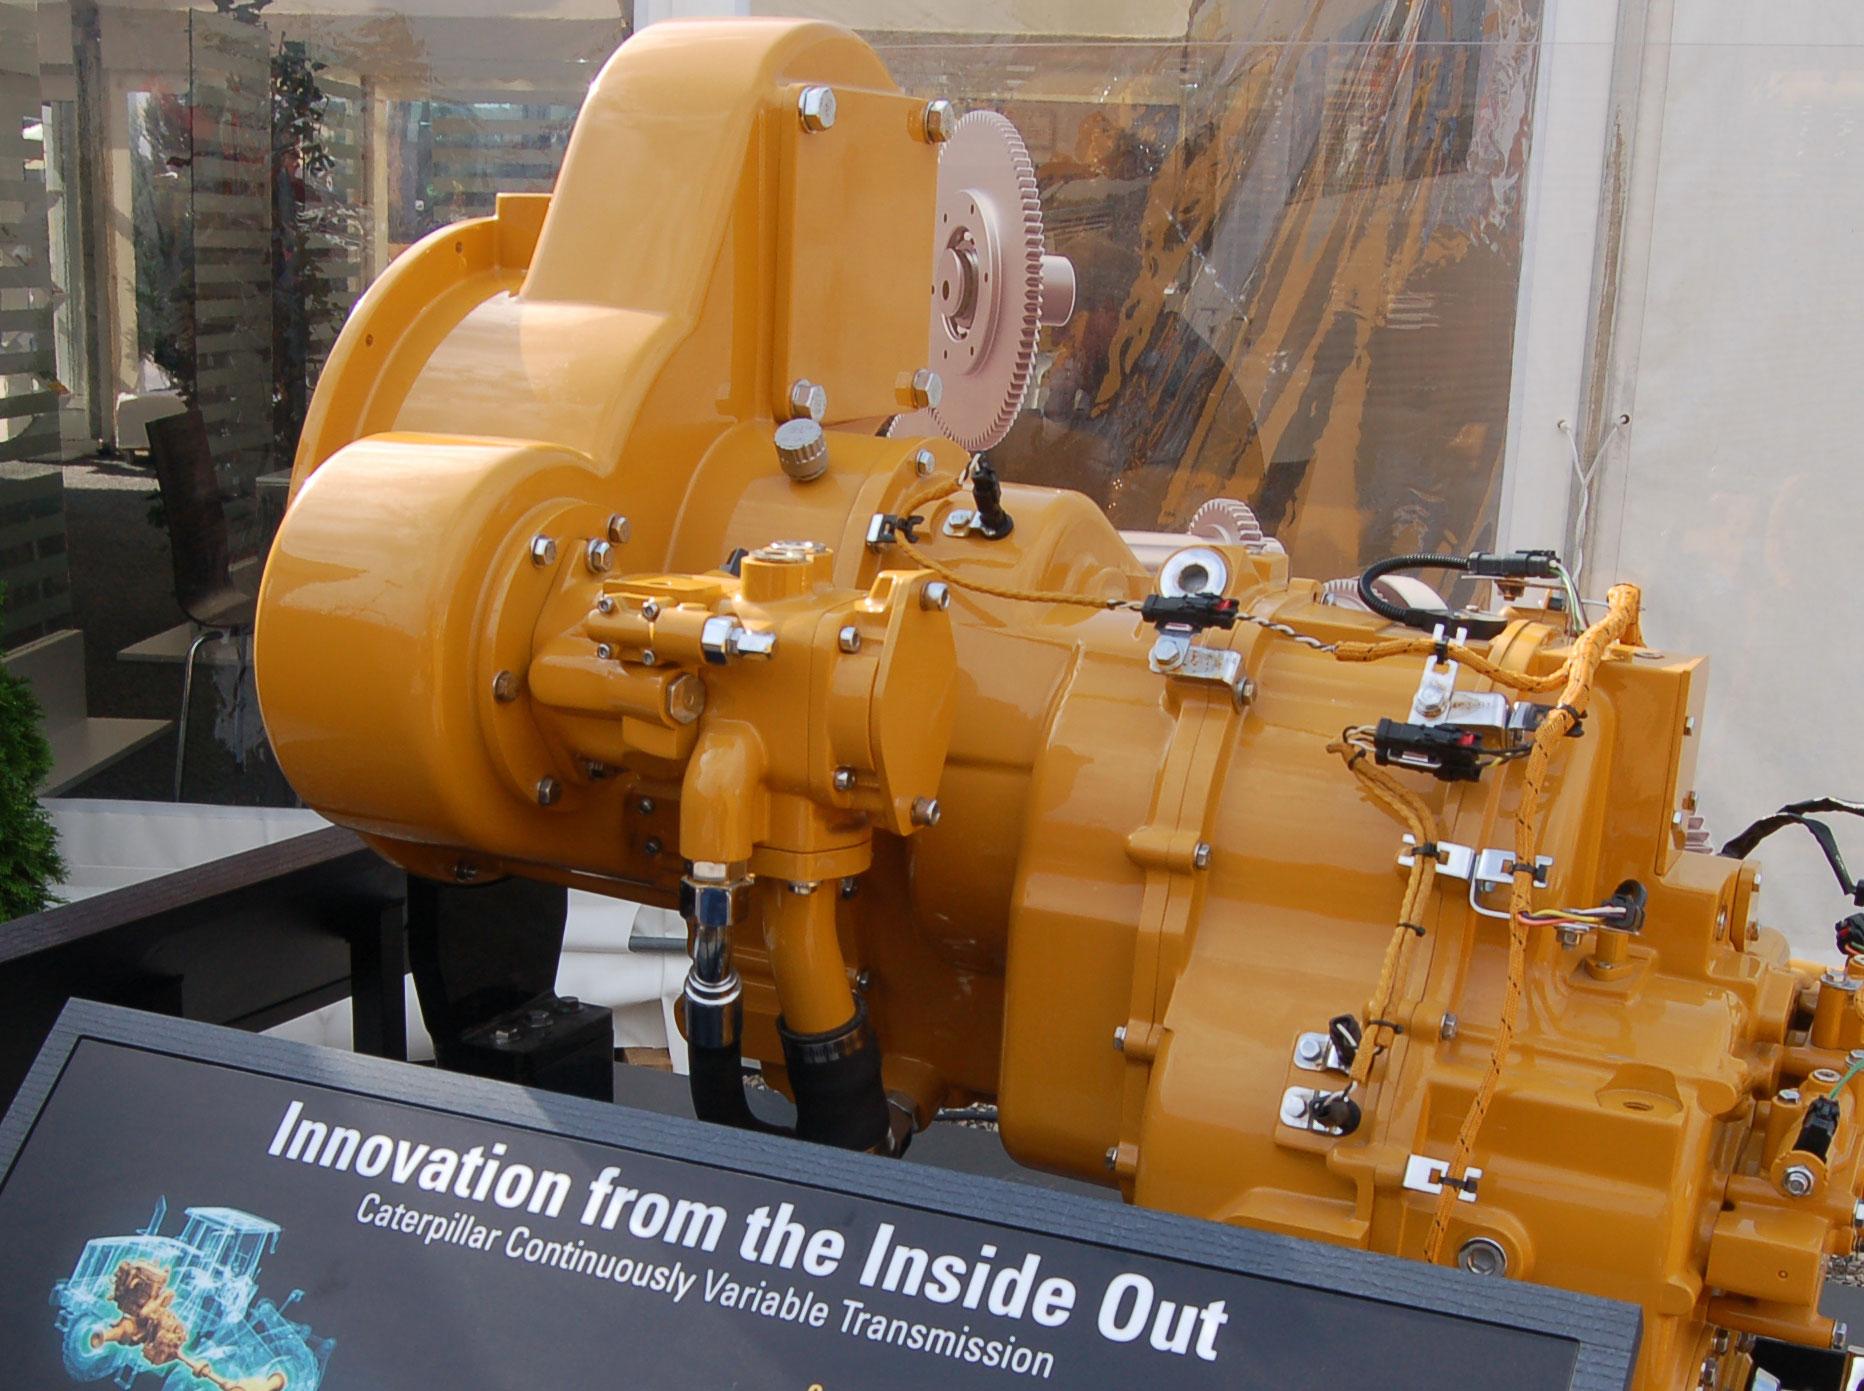 Die Bestrebungen, Emissionen zu senken, konzentrieren sich bei Caterpillar nicht nur auf Motoren. Da im Unternehmen auch Antriebe wie das leistungsverzweigte Getriebe für Radlader entwickelt werden, lassen sich die Baugruppen passend aufeinander abstimmen. Foto: Cohrs